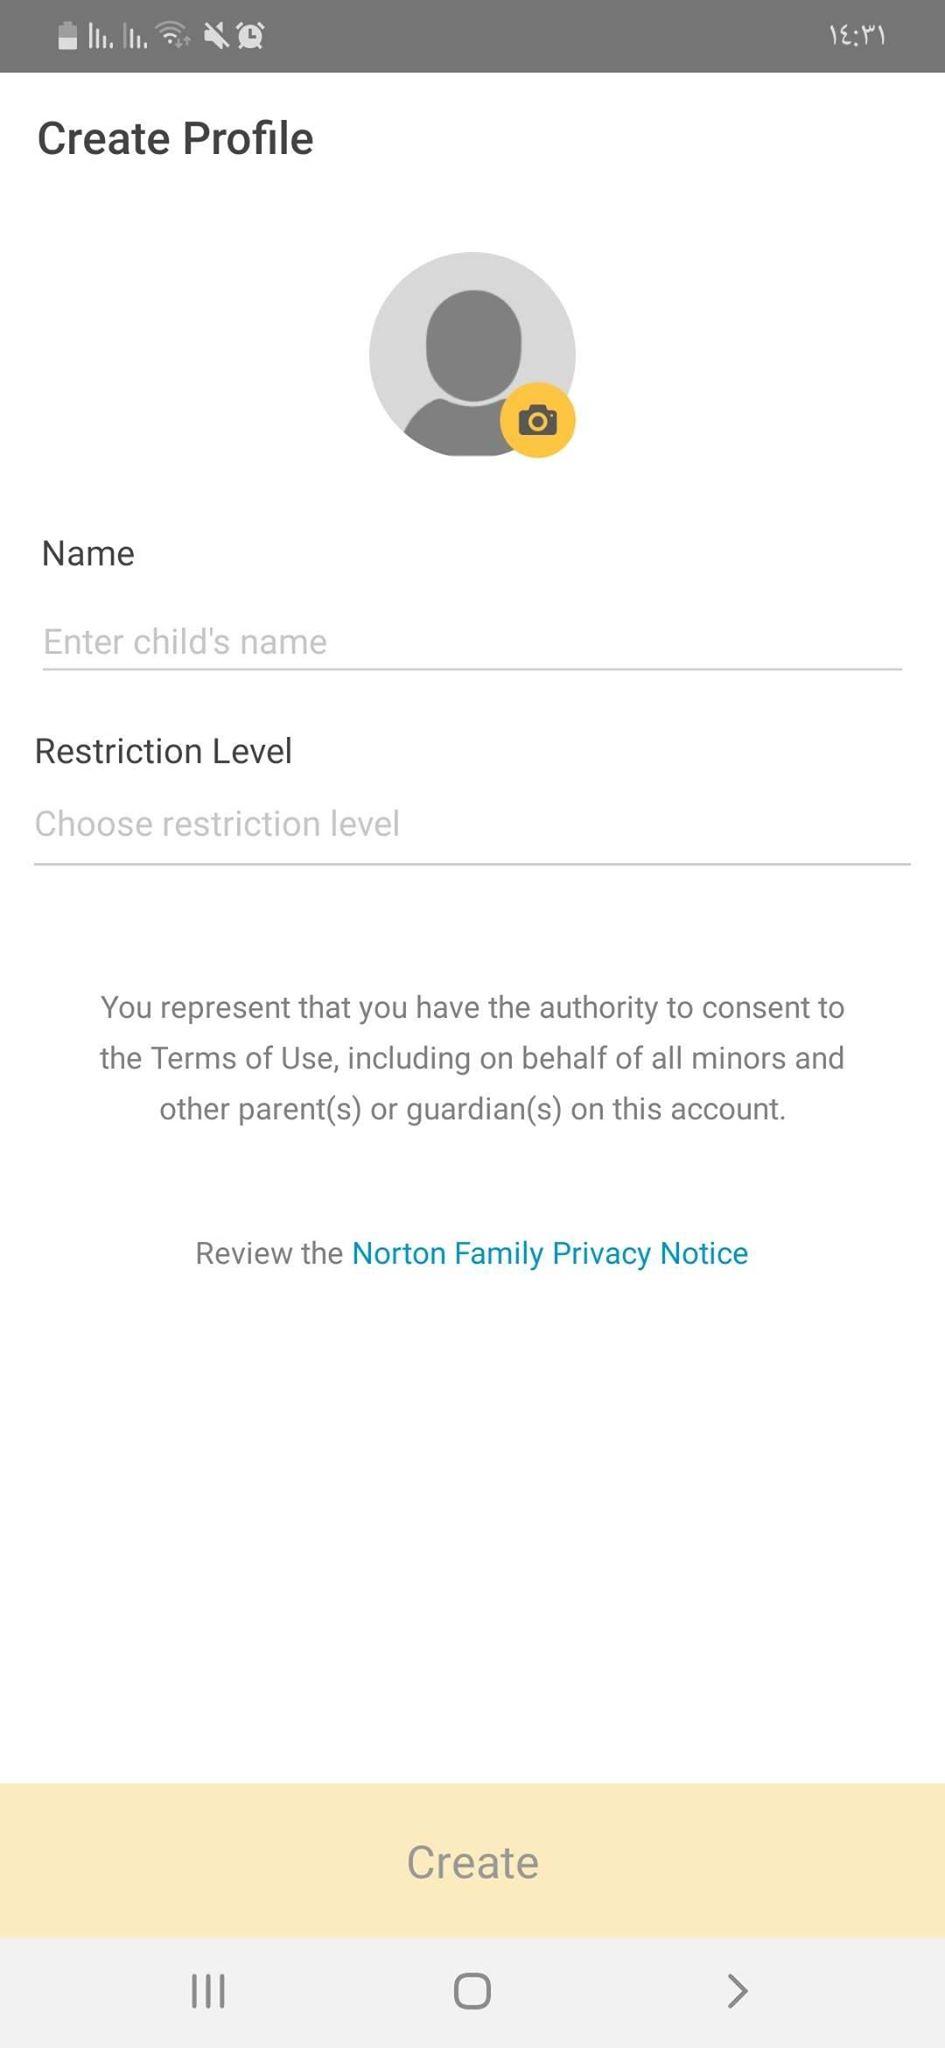 إدخال بيانات طفلك في تطبيق Norton Family Parental Control أحد تطبيقات مراقبة الاطفال عن بعد